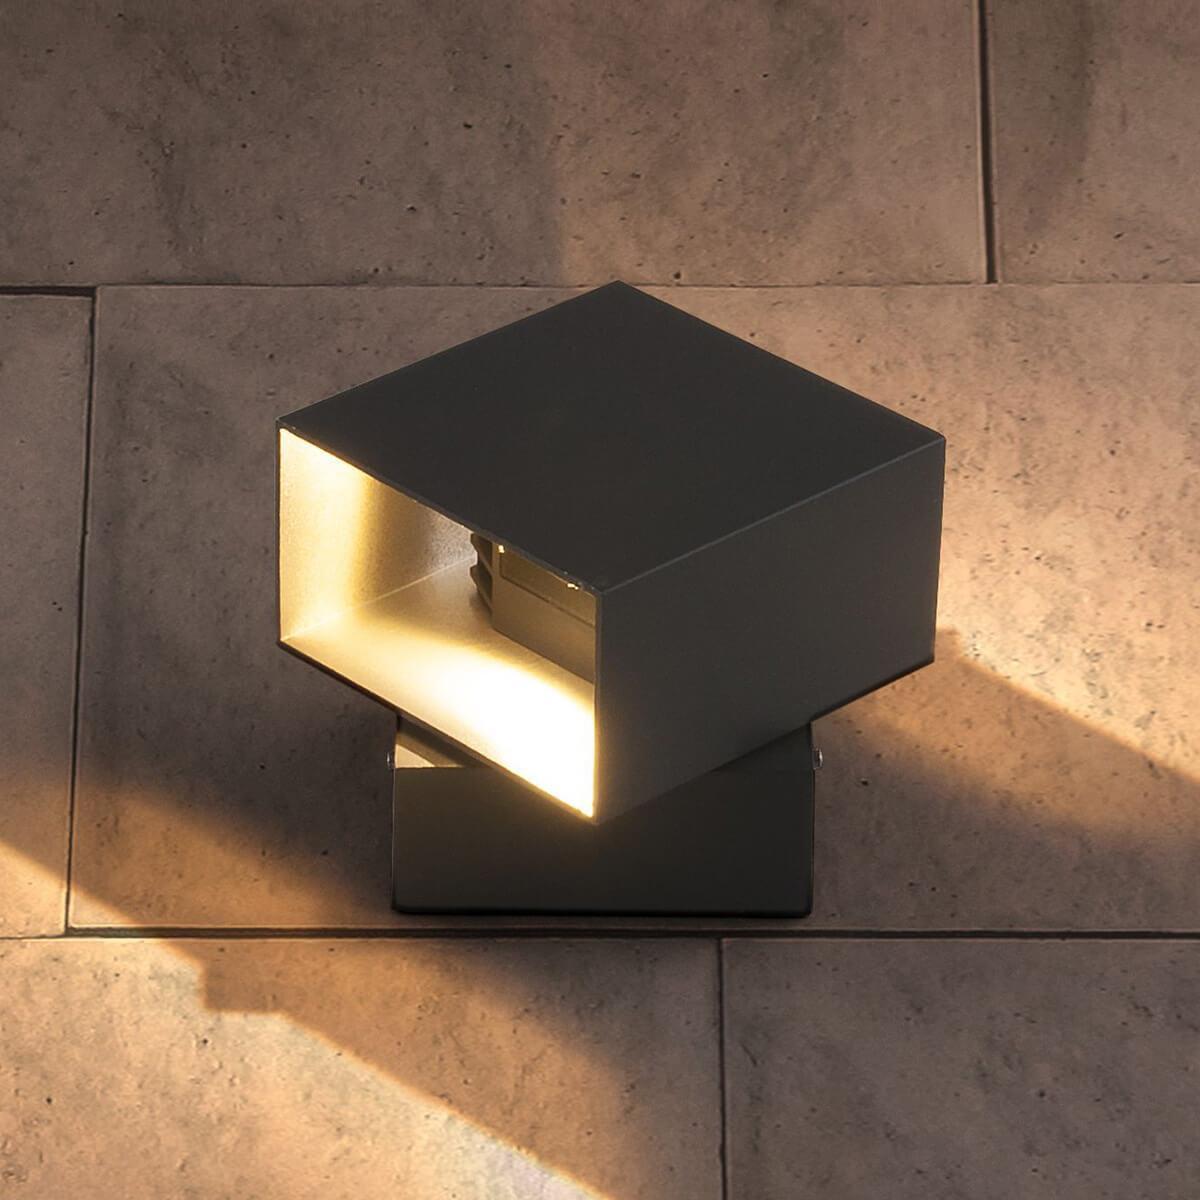 Уличный светильник Elektrostandard 4690389086069, LED уличный настенный светодиодный светильник elektrostandard 4690389086137